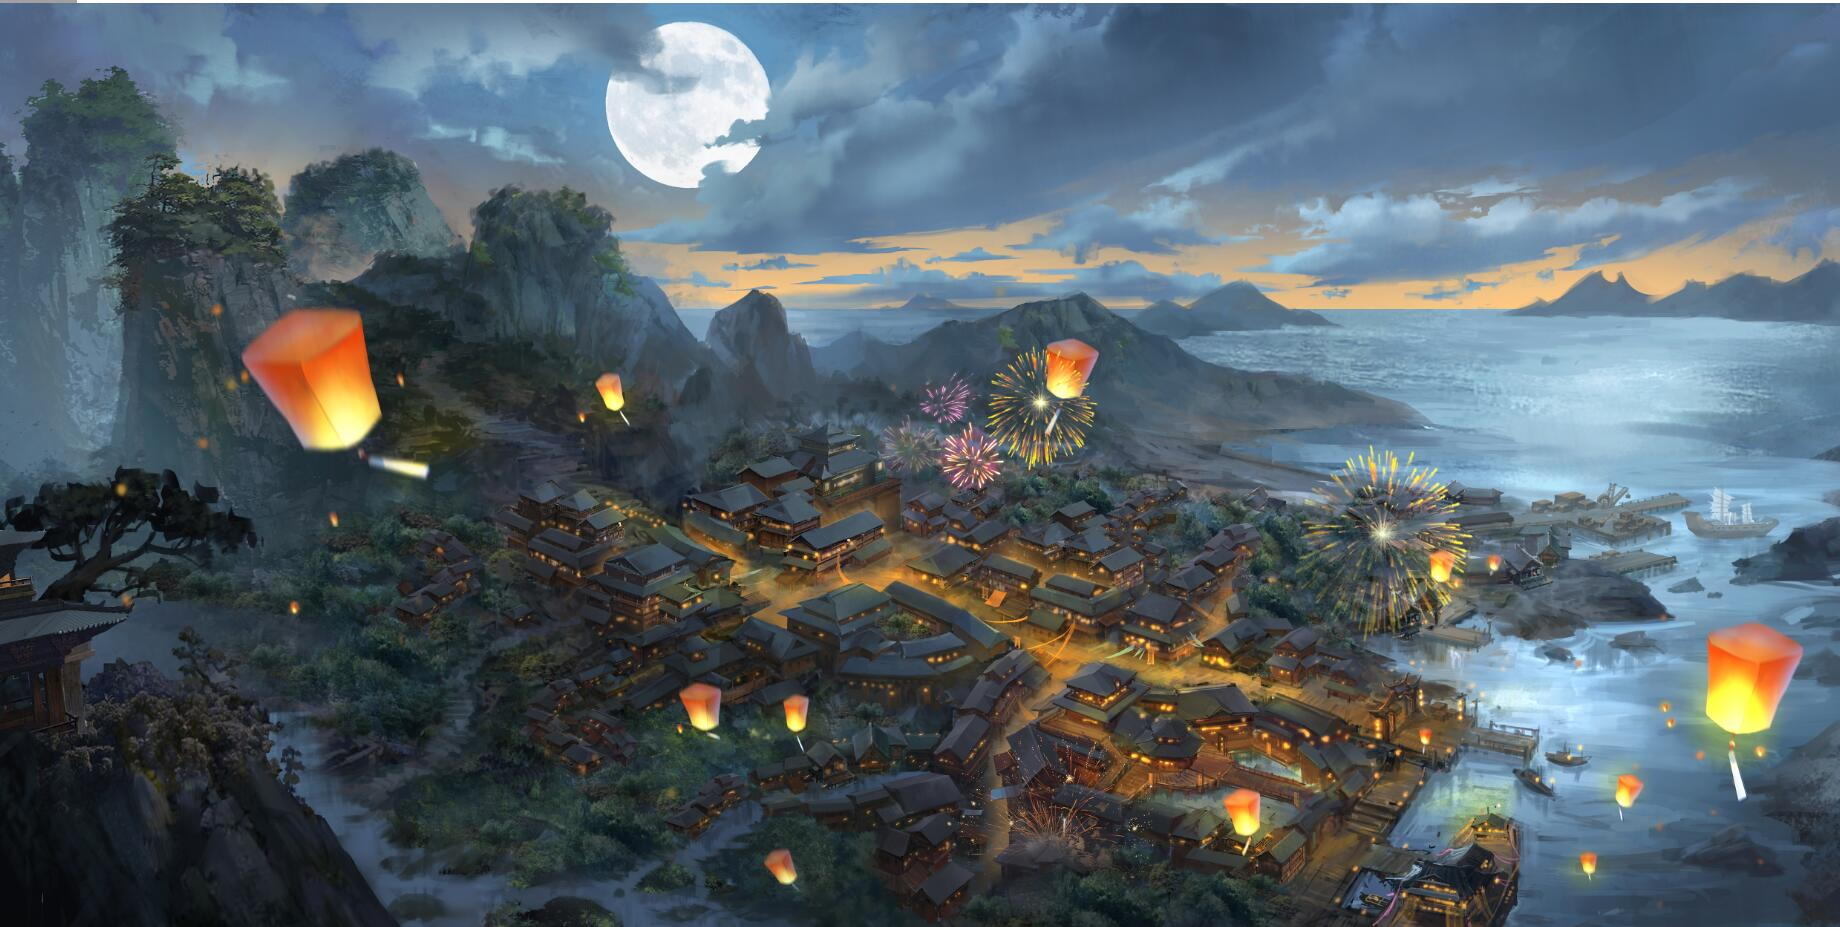 《新天龙八部》全新鬼市玩法溯源:来自大宋的烟火人间